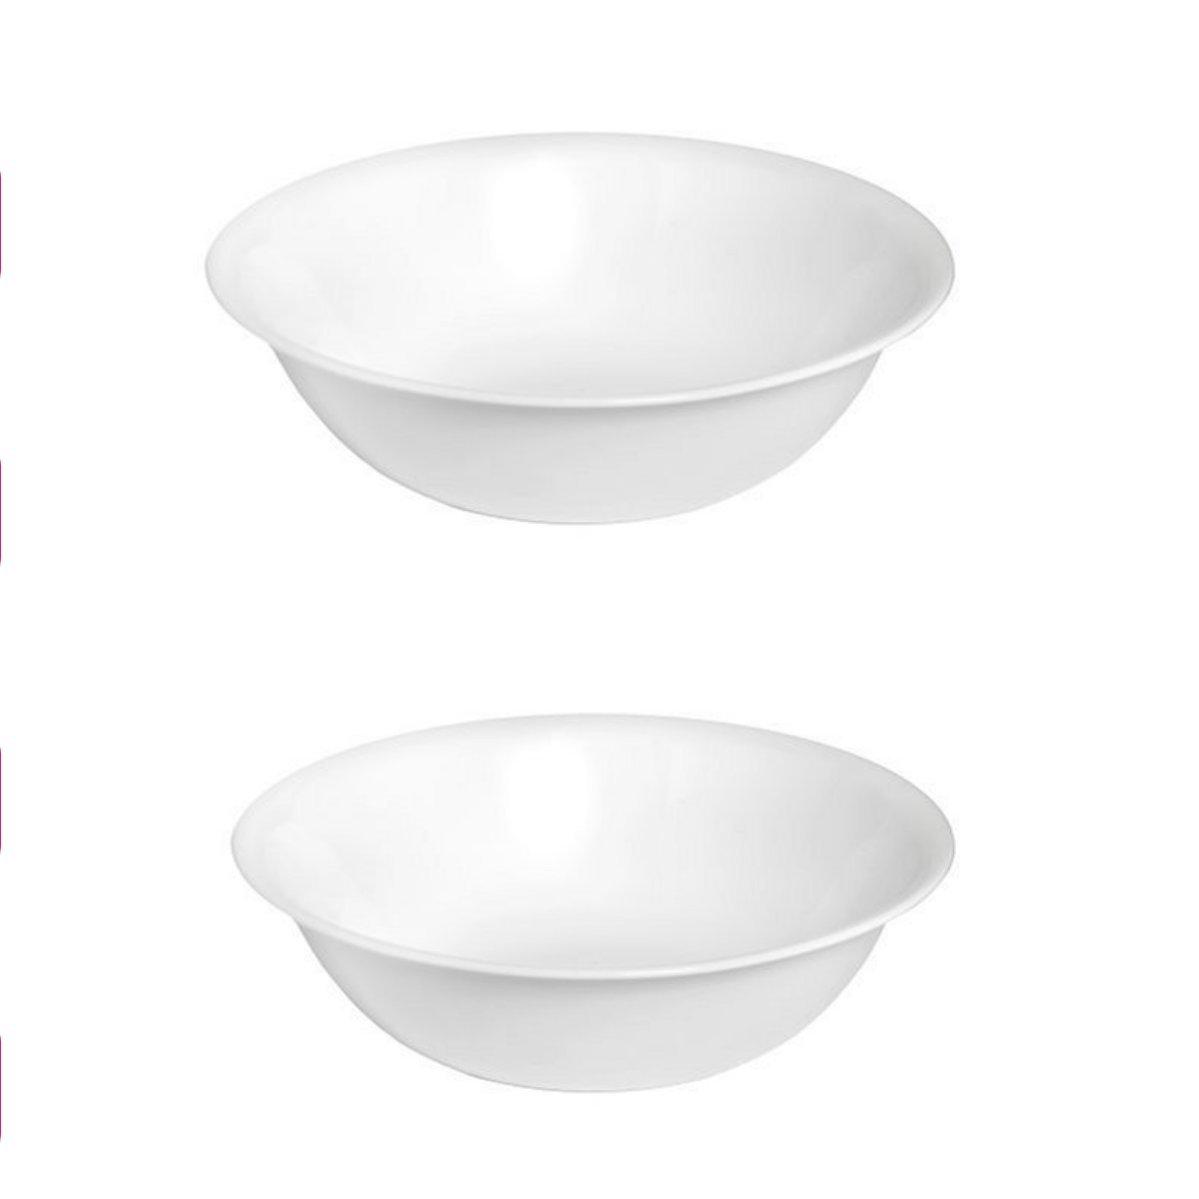 Corelle Livingware 2-Quart Serving Bowl, Winter Frost White 2PK